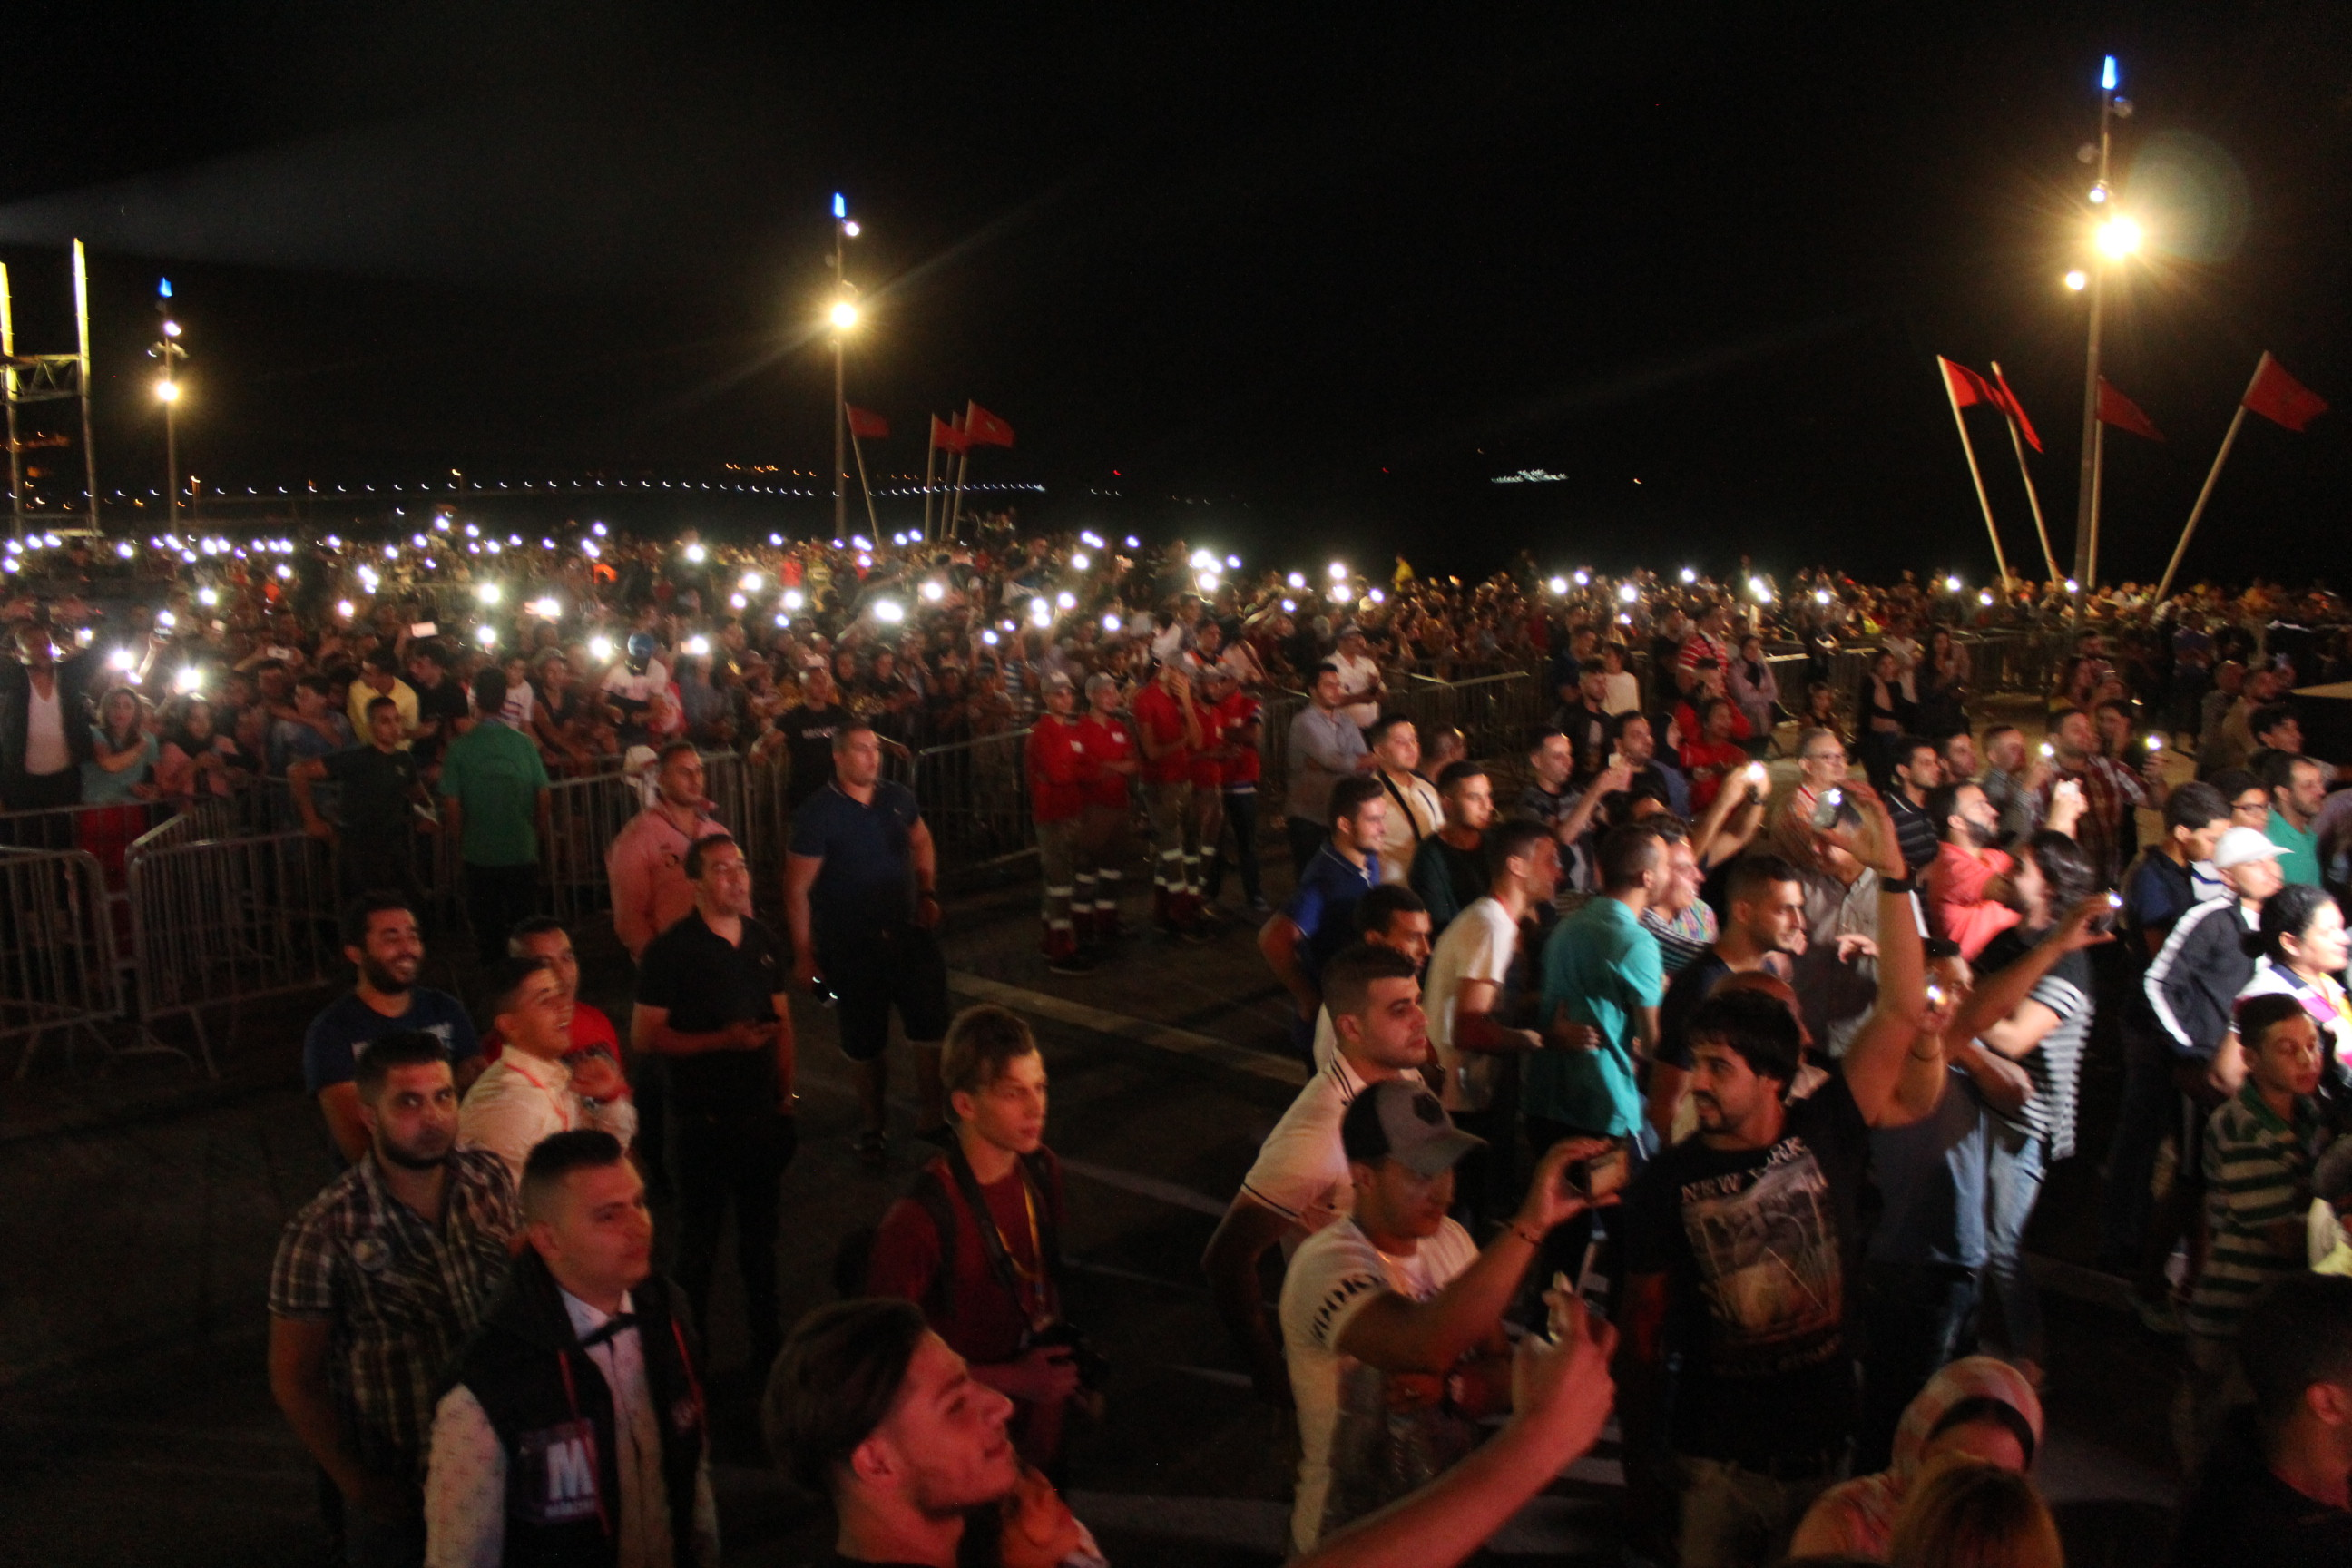 اعتقال 4 من نشطاء حراك الناظور اثر احتجاجهم بسهرة افتتاح المهرجان المتوسطي